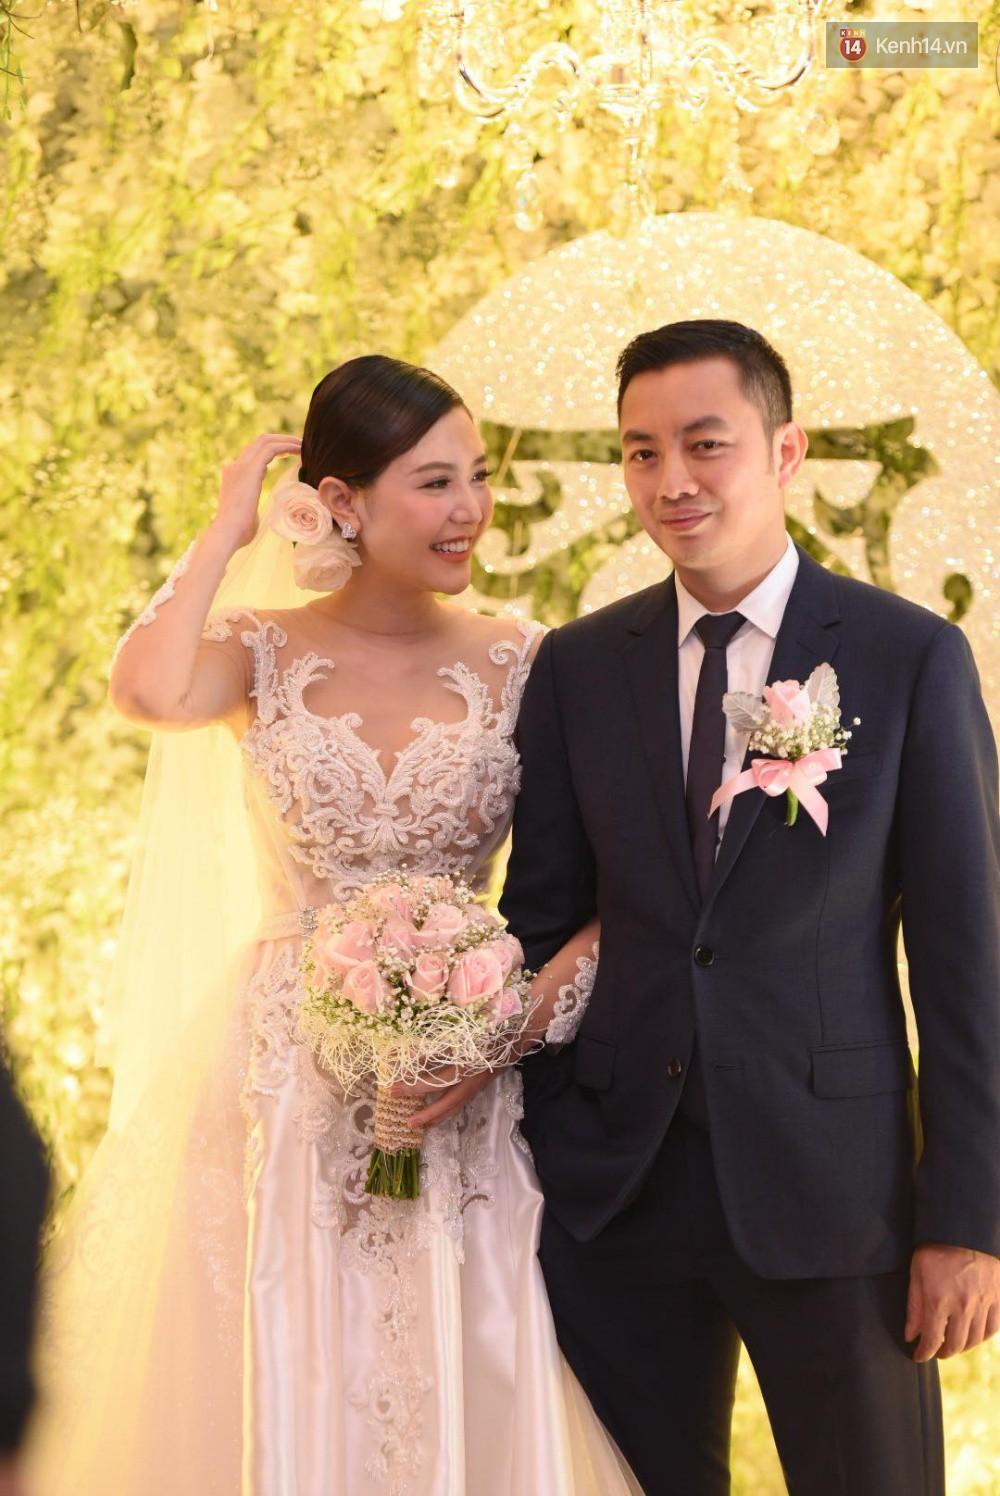 Cập nhật: Ngọc Duyên cực xinh đẹp, hạnh phúc sánh đôi bên ông xã hơn 18 tuổi trong tiệc cưới xa hoa tại Hà Nội 4